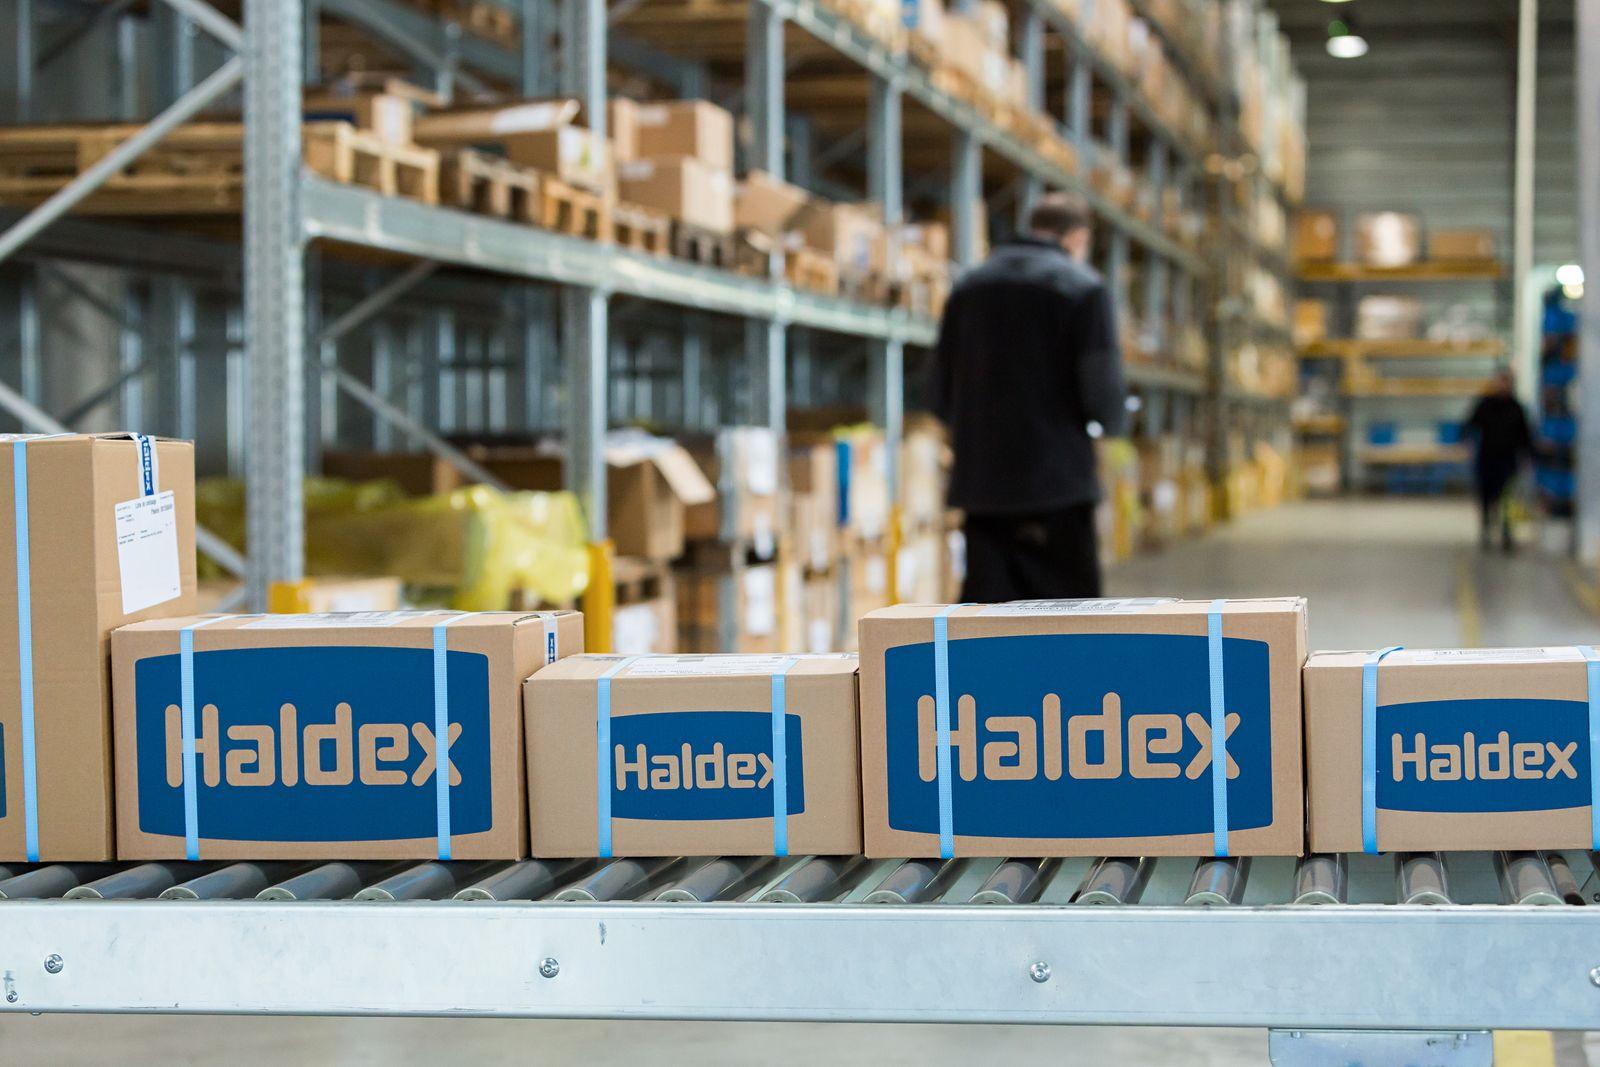 Haldex boxes